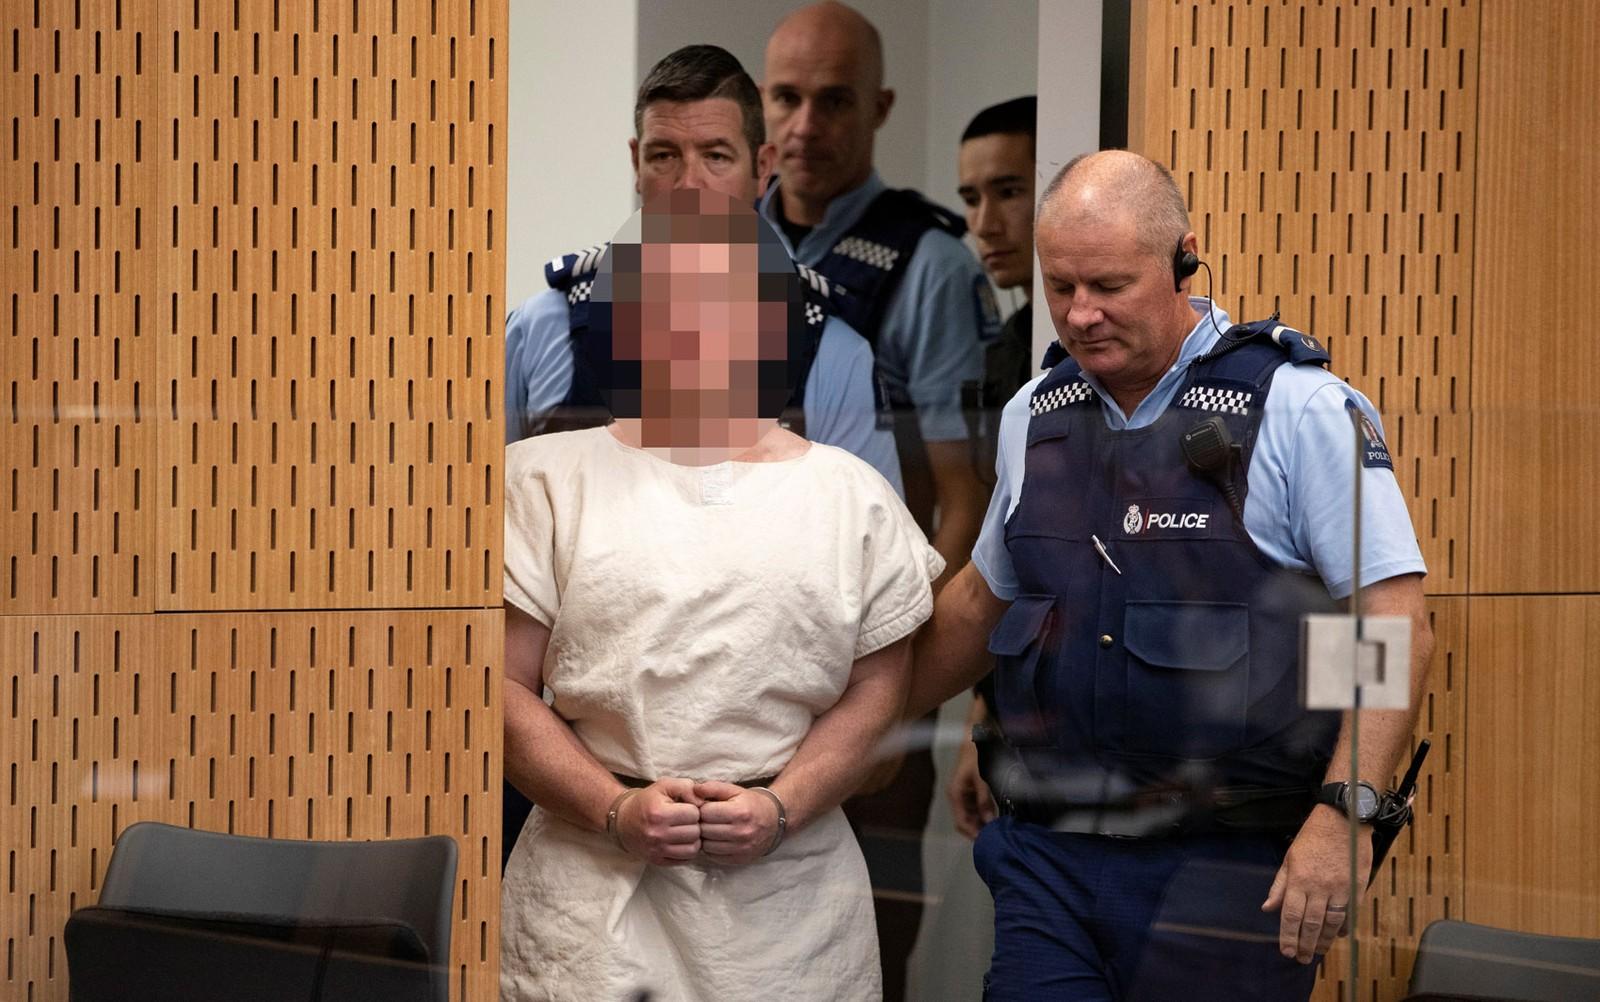 Australiano é acusado formalmente por homicídio após massacre em mesquitas na Nova Zelândia